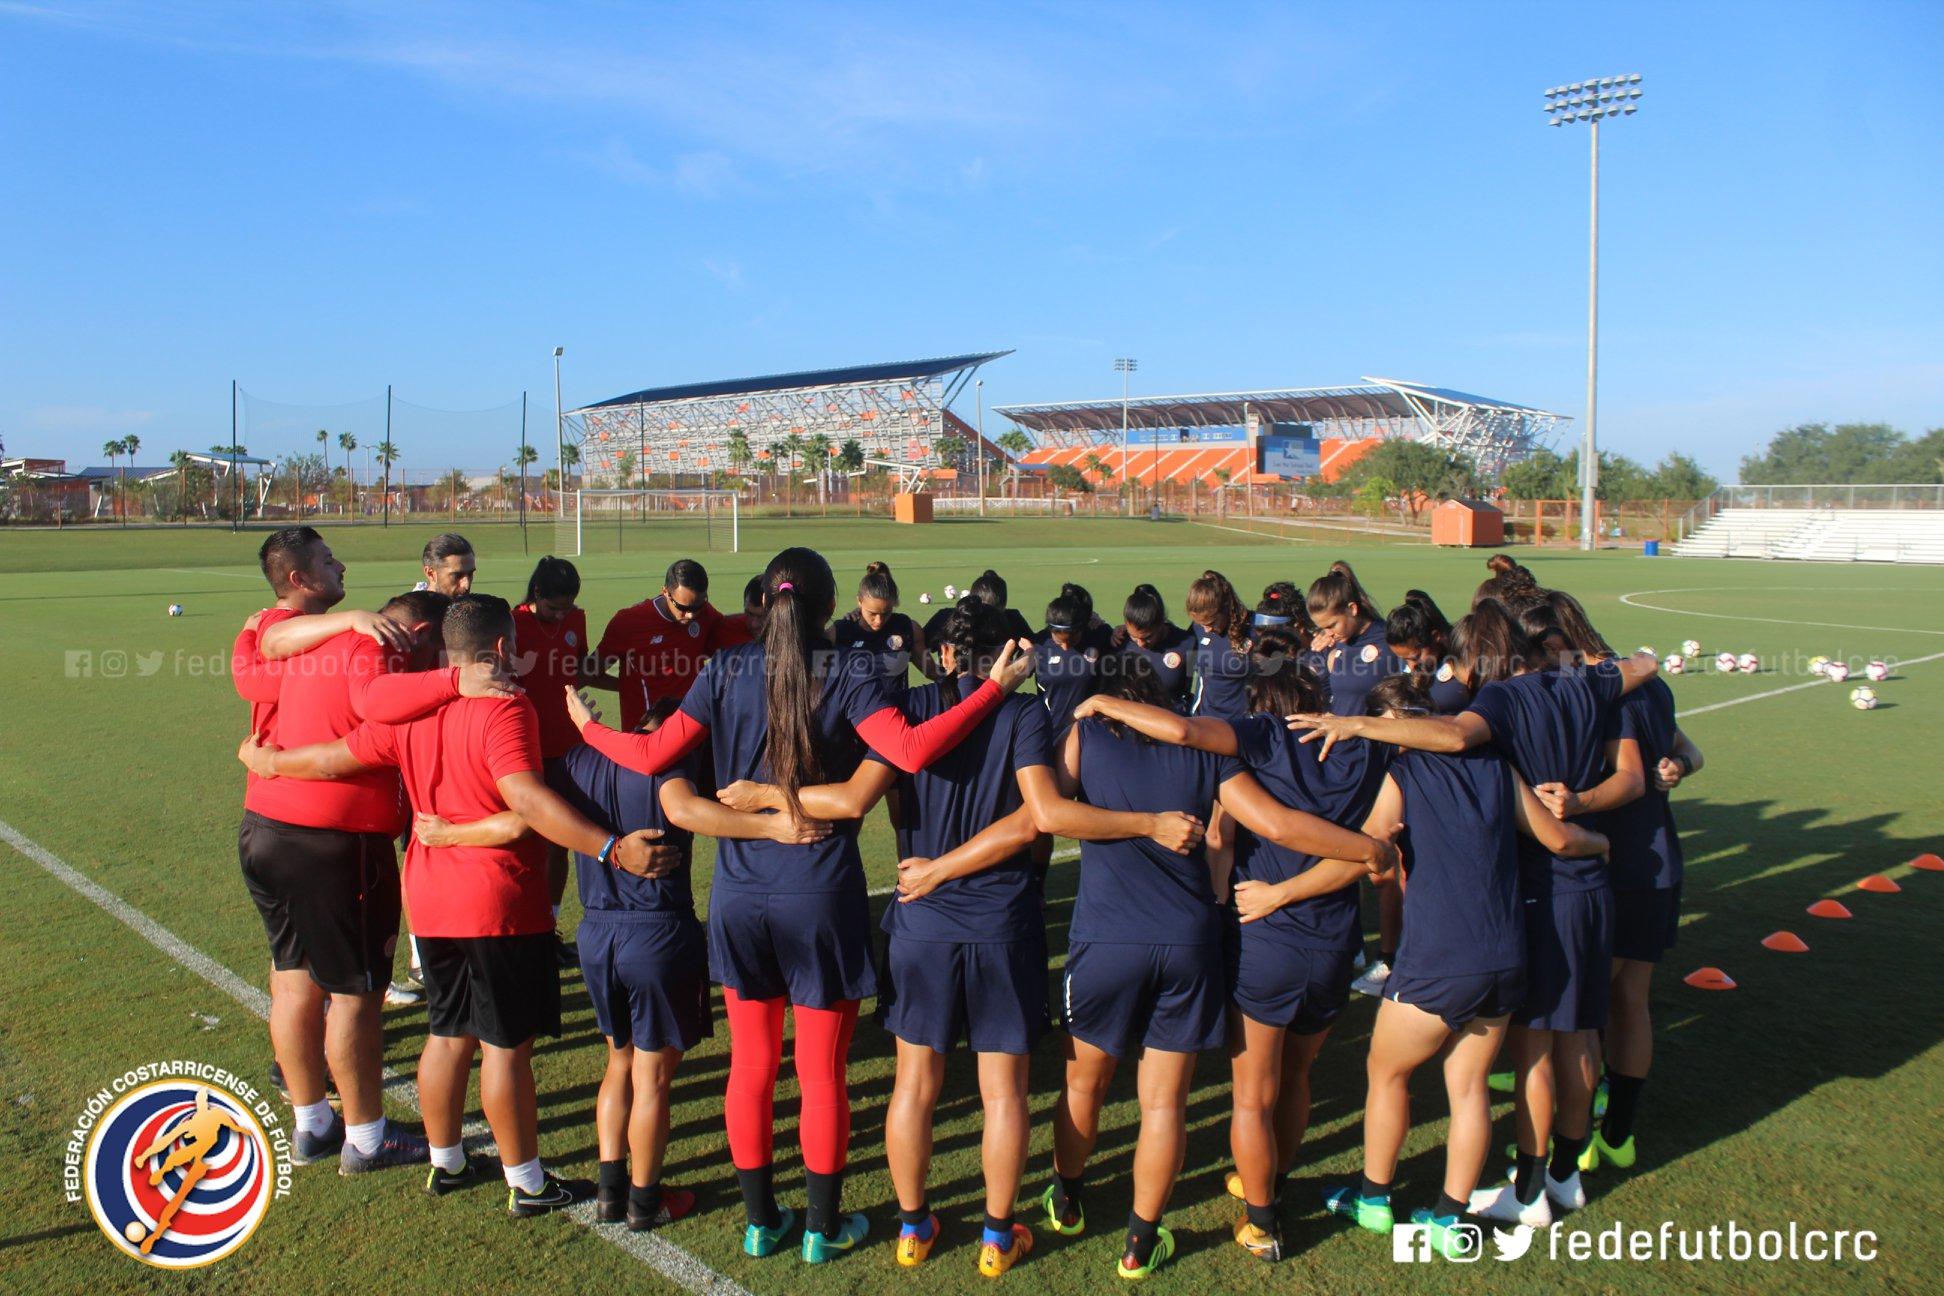 En modo motivación al tope: Femenina por la clasificación ante Jamaica